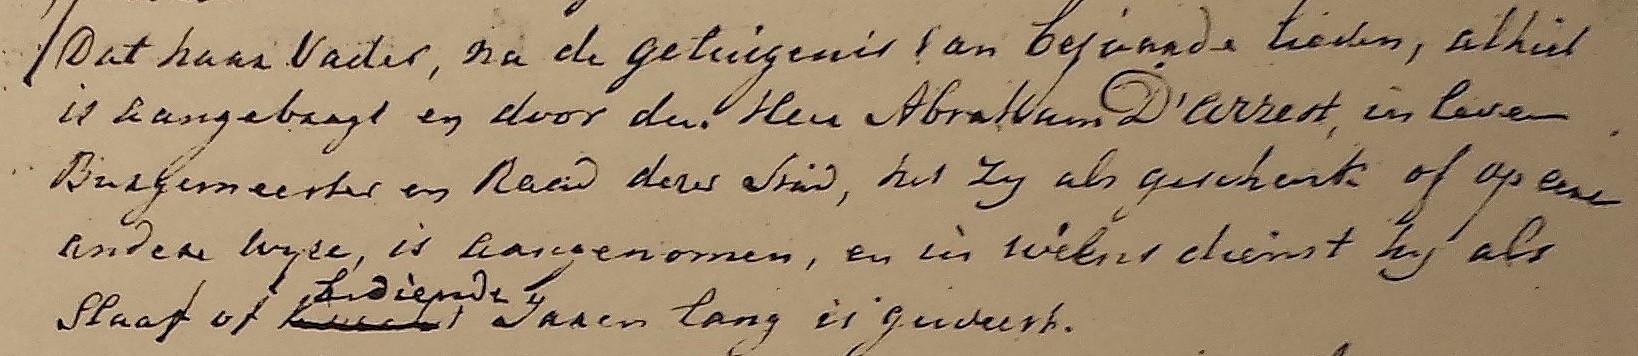 1830 06 30 Onderzoek Brief Antje 01